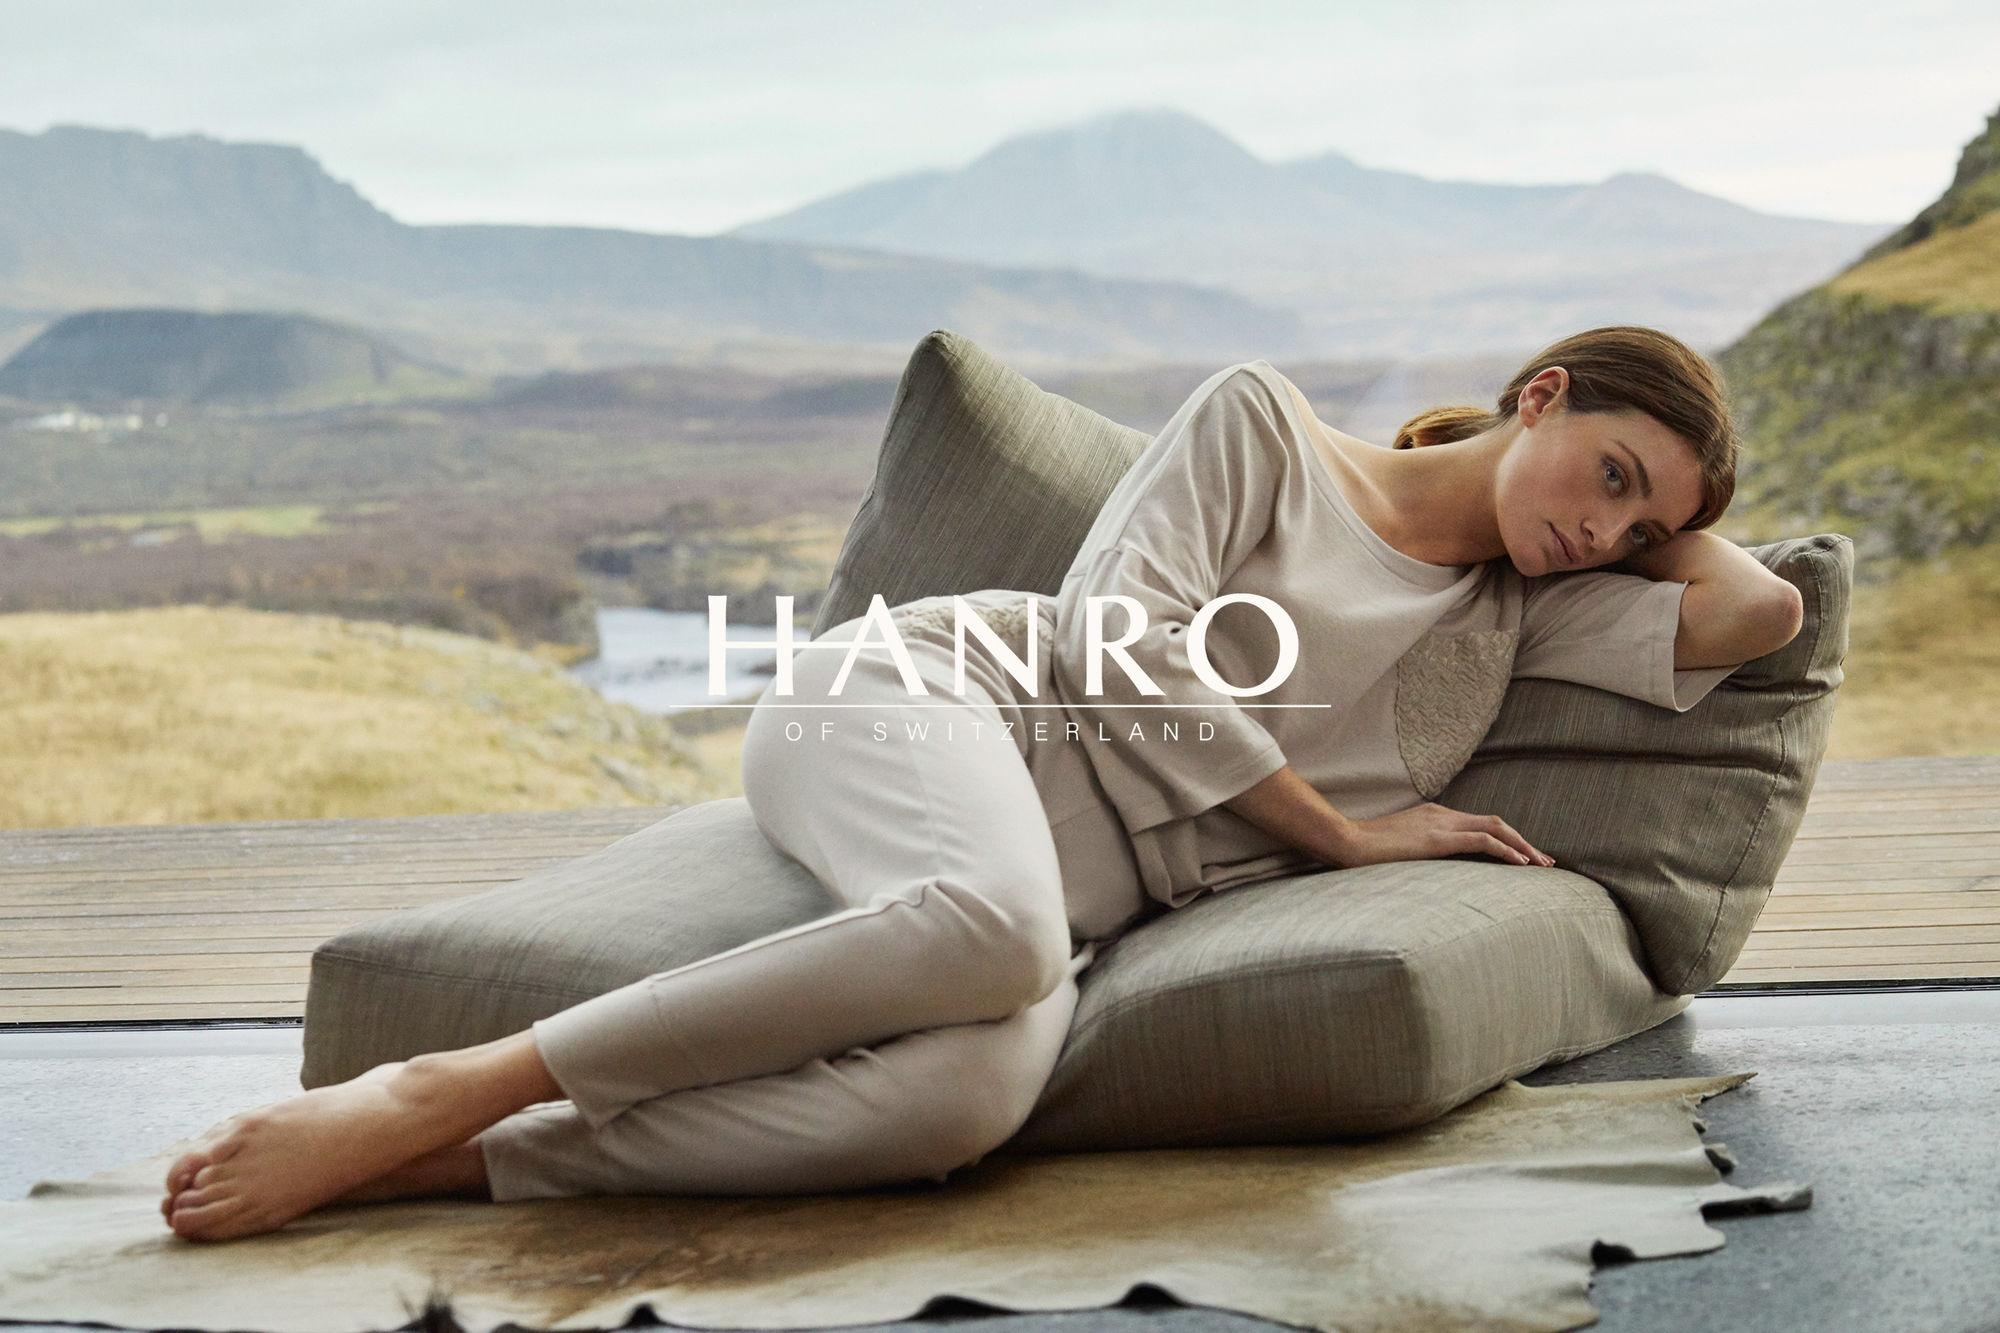 hanro1718_speedballproductions_00002.jpg